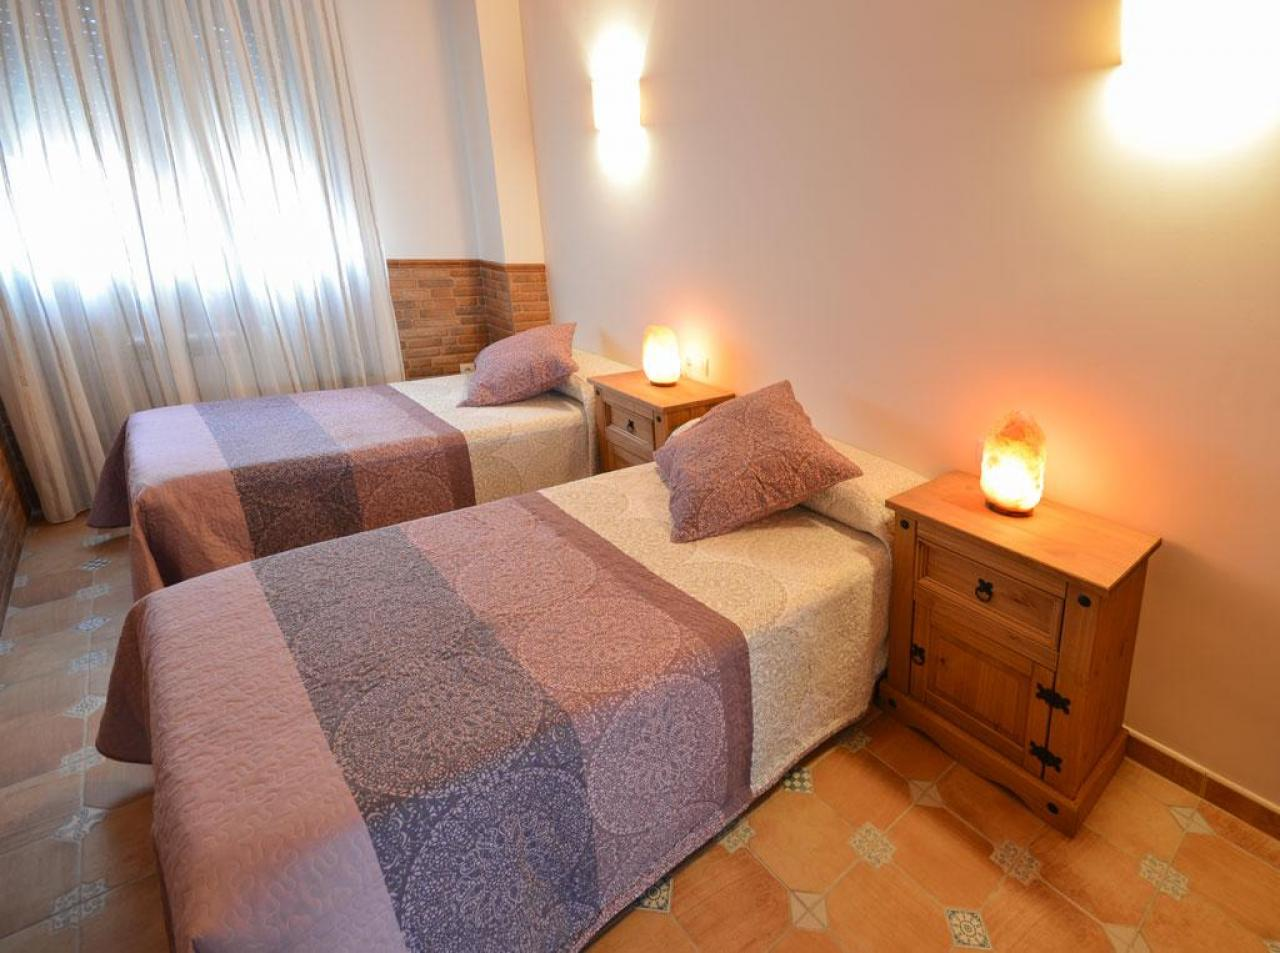 Apartamento para vacaciones Cubla, Teruel